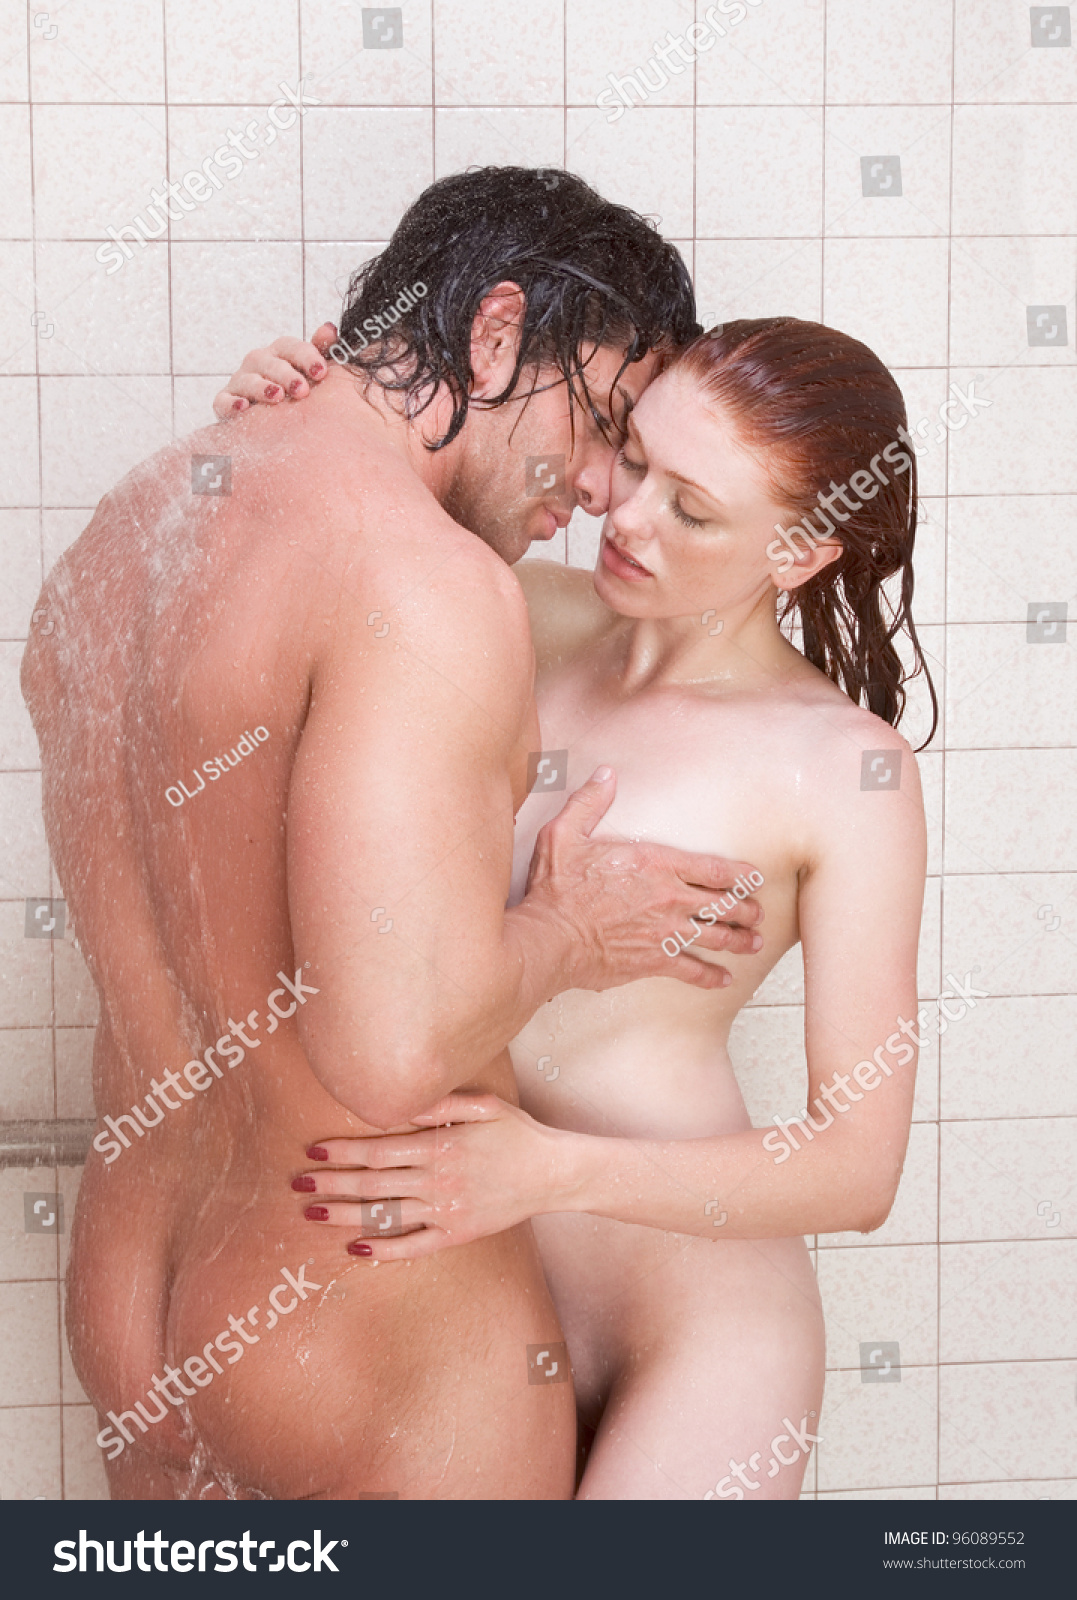 beautiful nude women in public